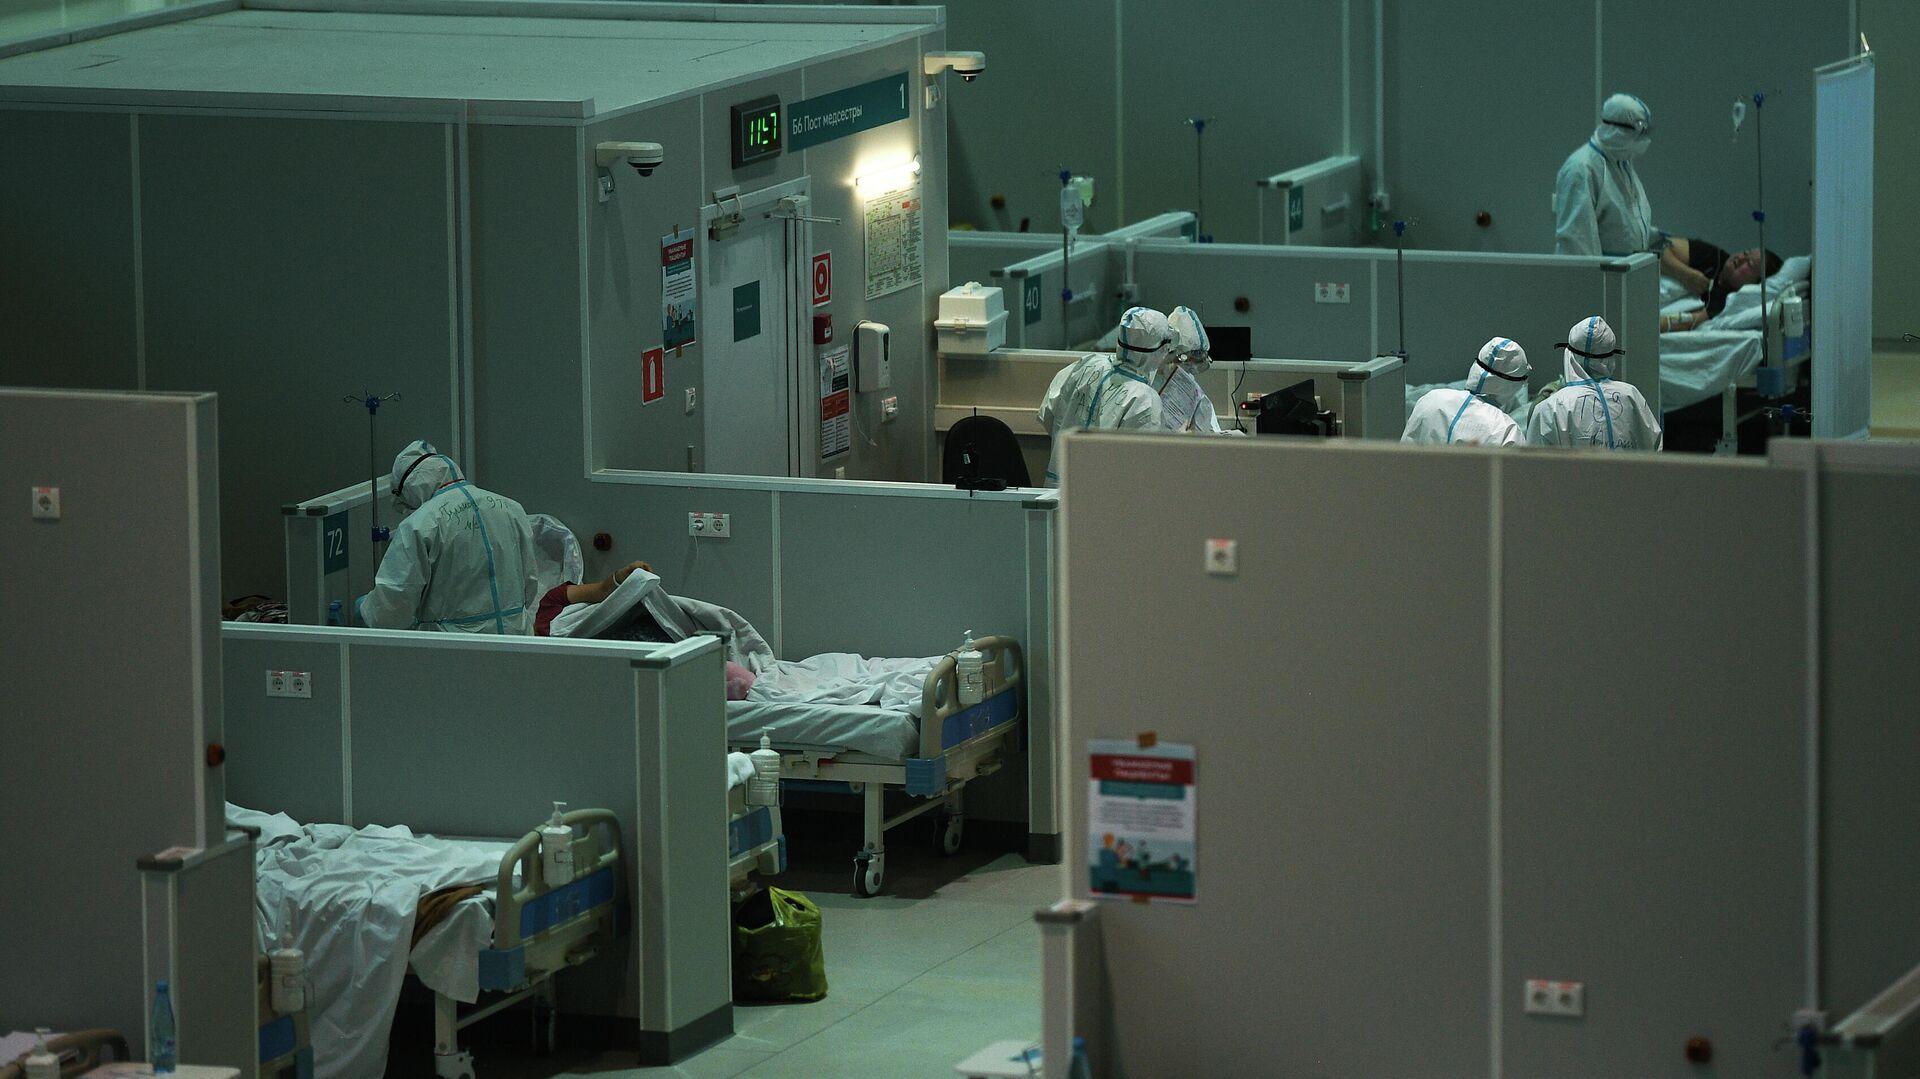 Медицинские работники во временном госпитале для пациентов с COVID-19 в Сокольниках - РИА Новости, 1920, 15.10.2020